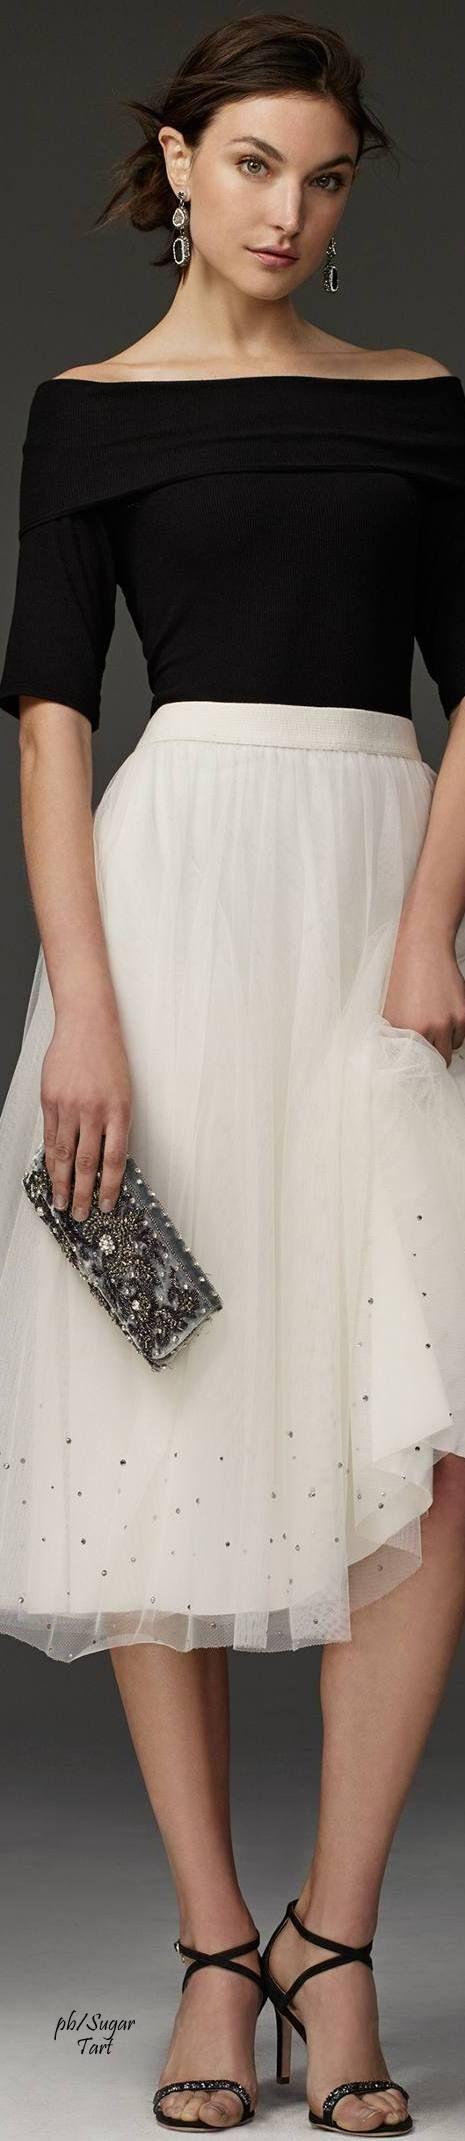 Allegra k white dress target